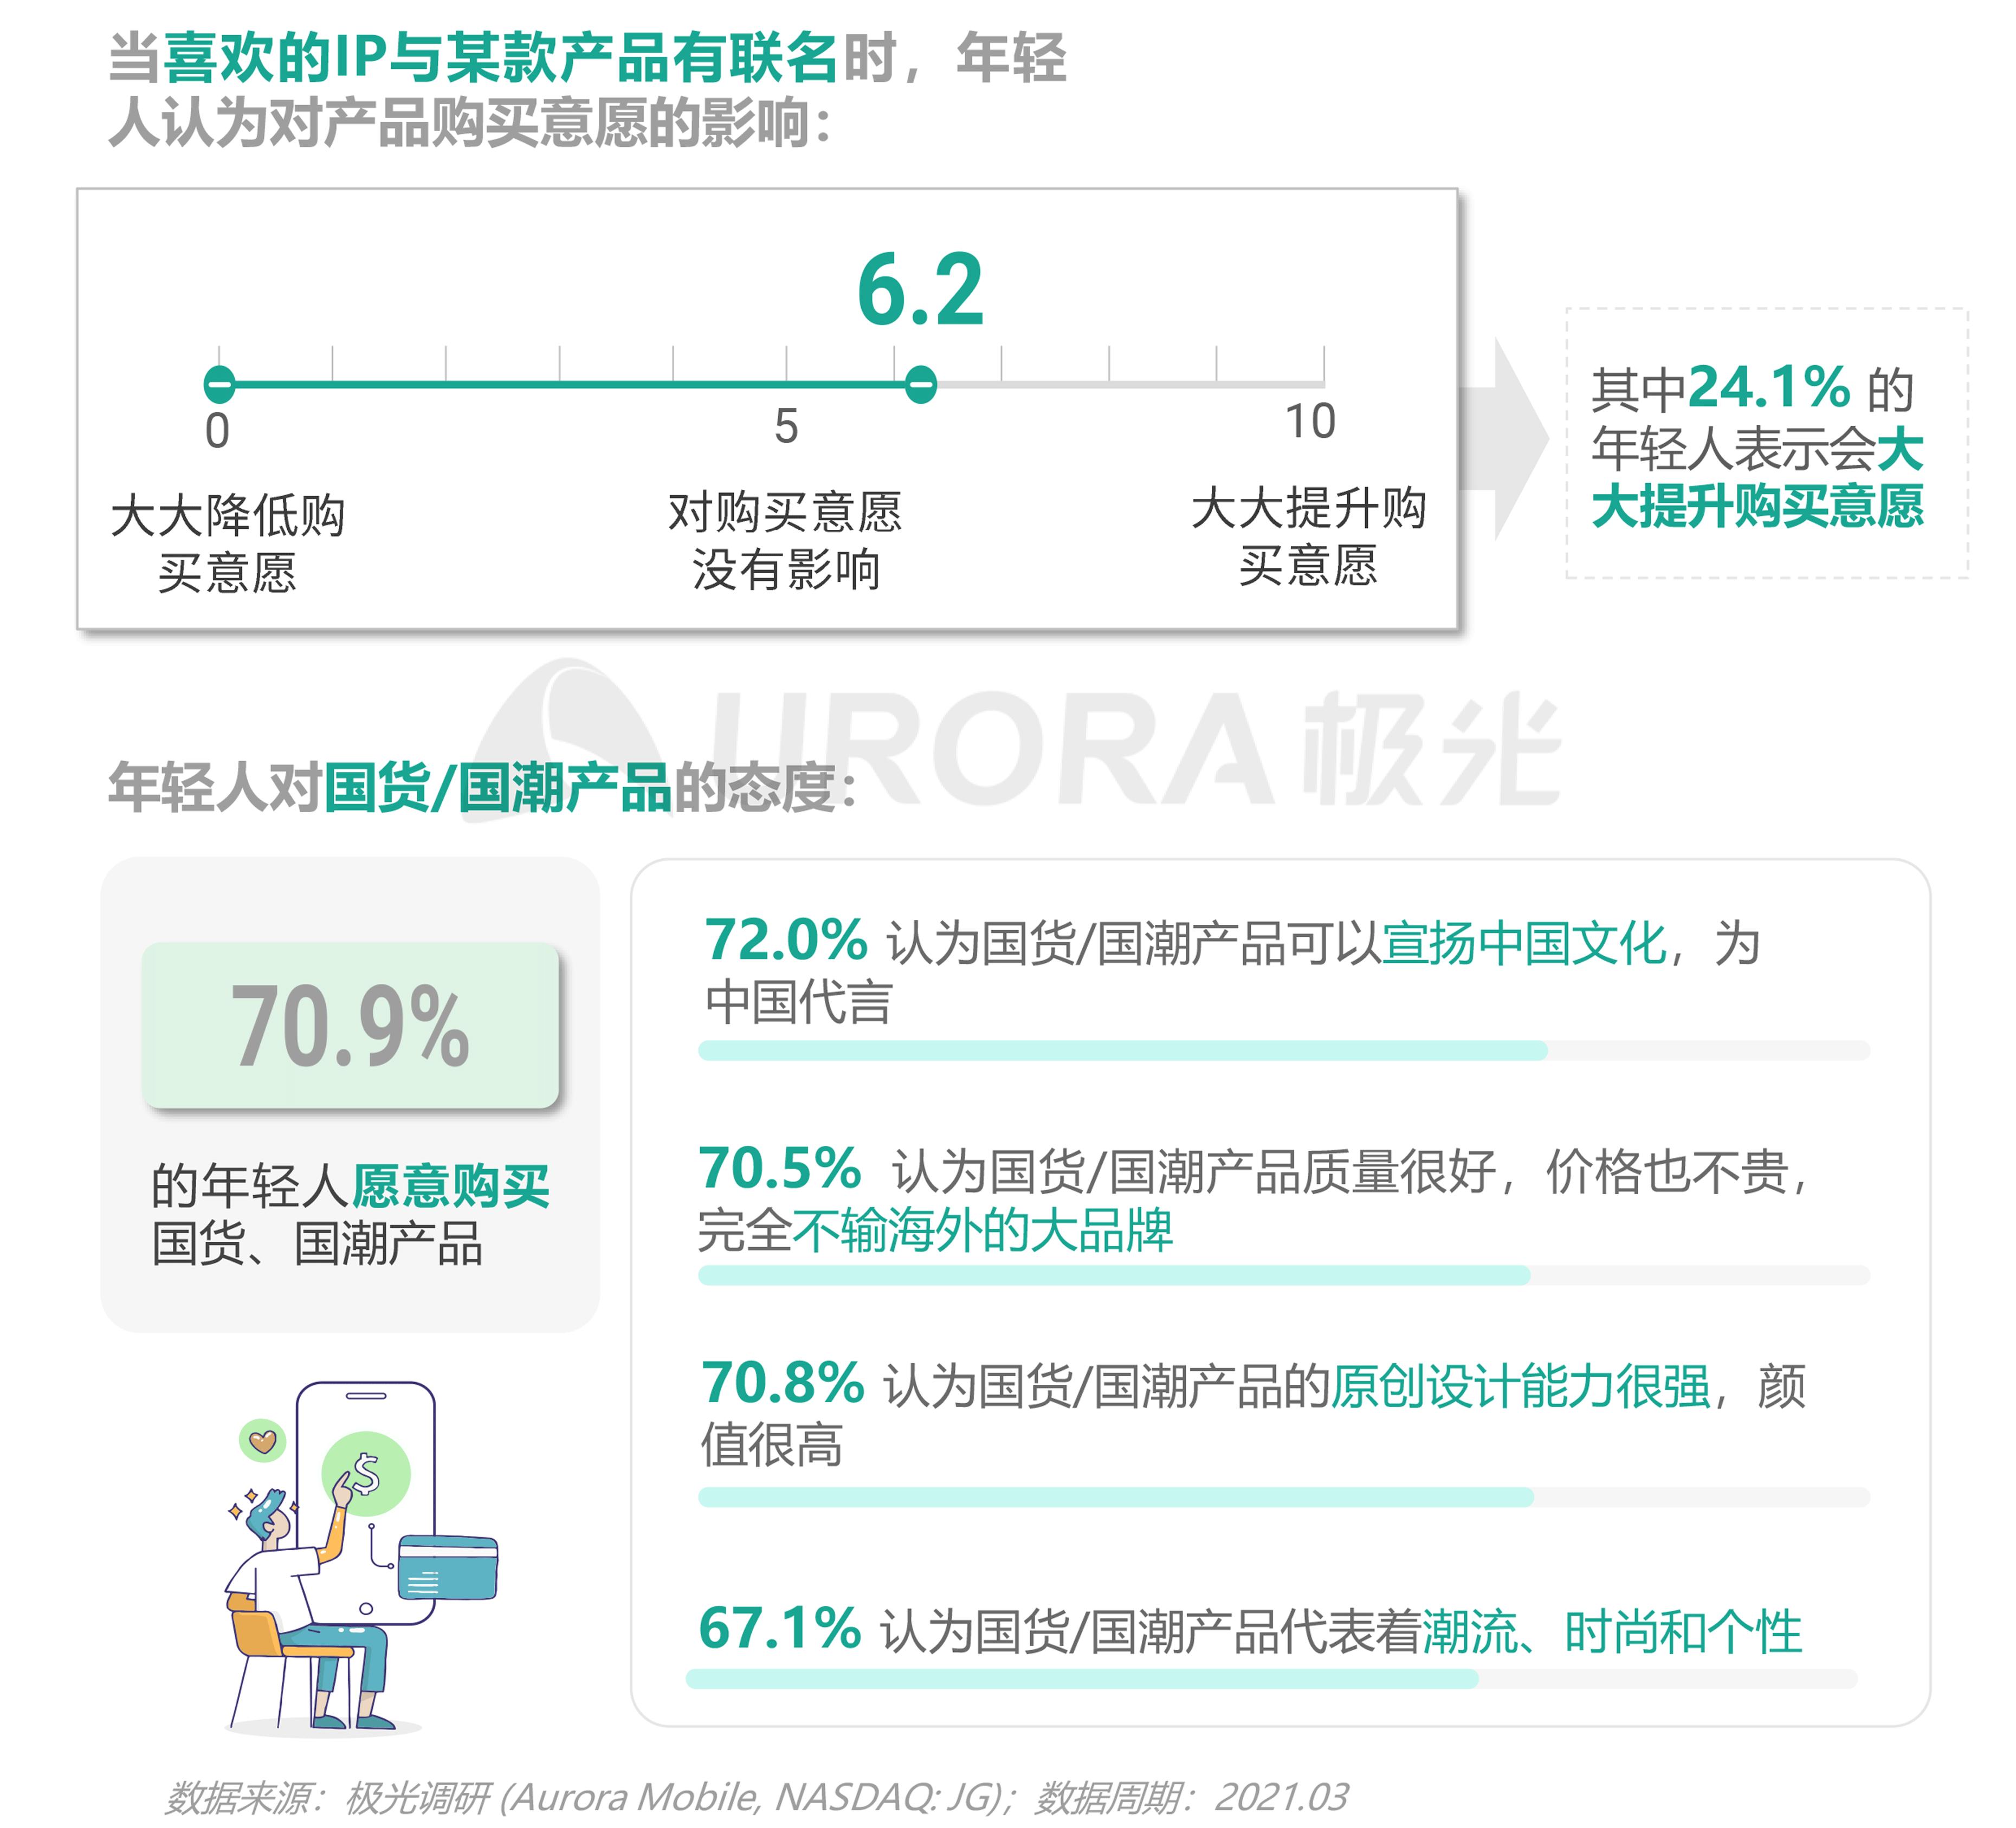 2021年轻人营销趋势研究报告【定稿】-26.png